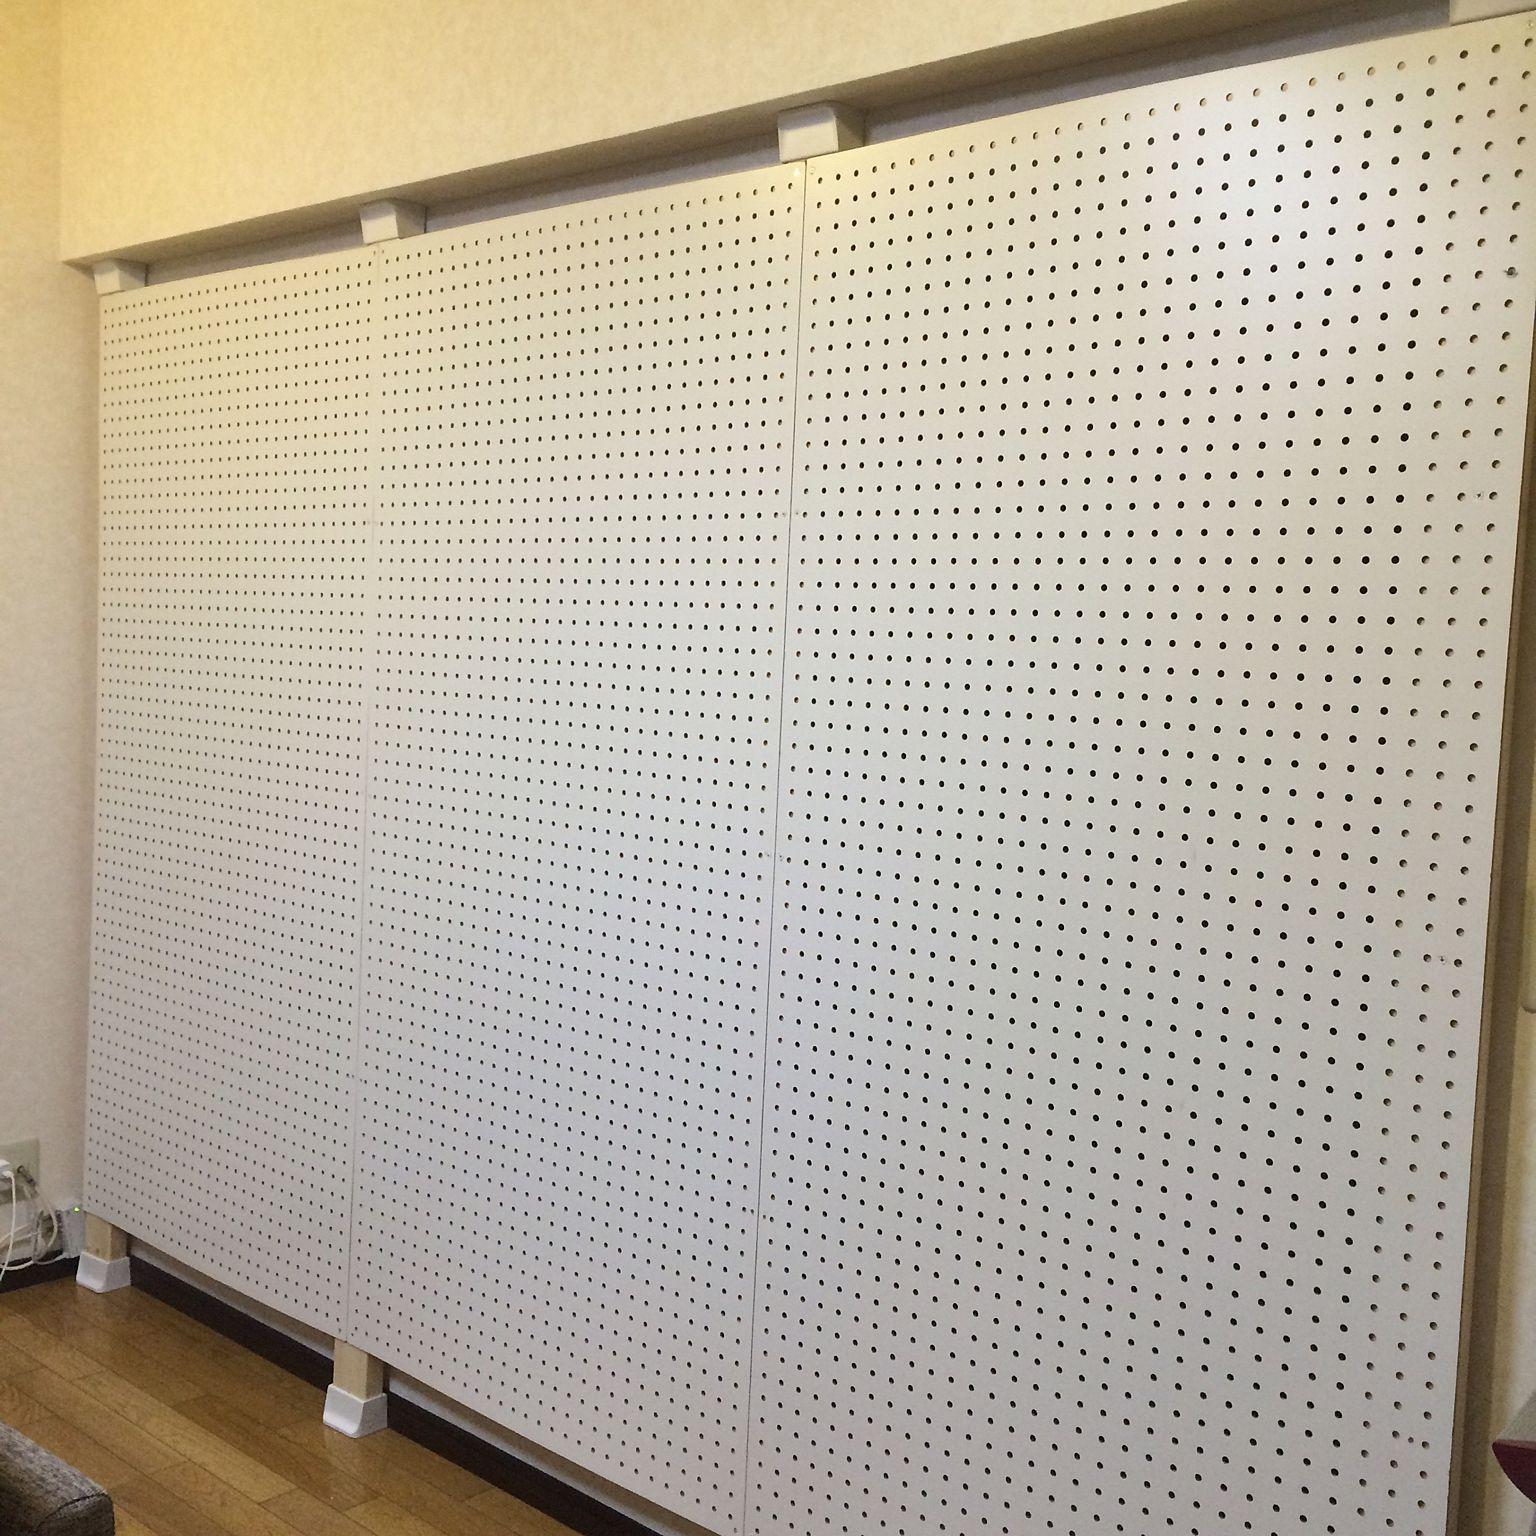 壁 天井 カラーボード 有孔ボード Diy 2 4材 などのインテリア実例